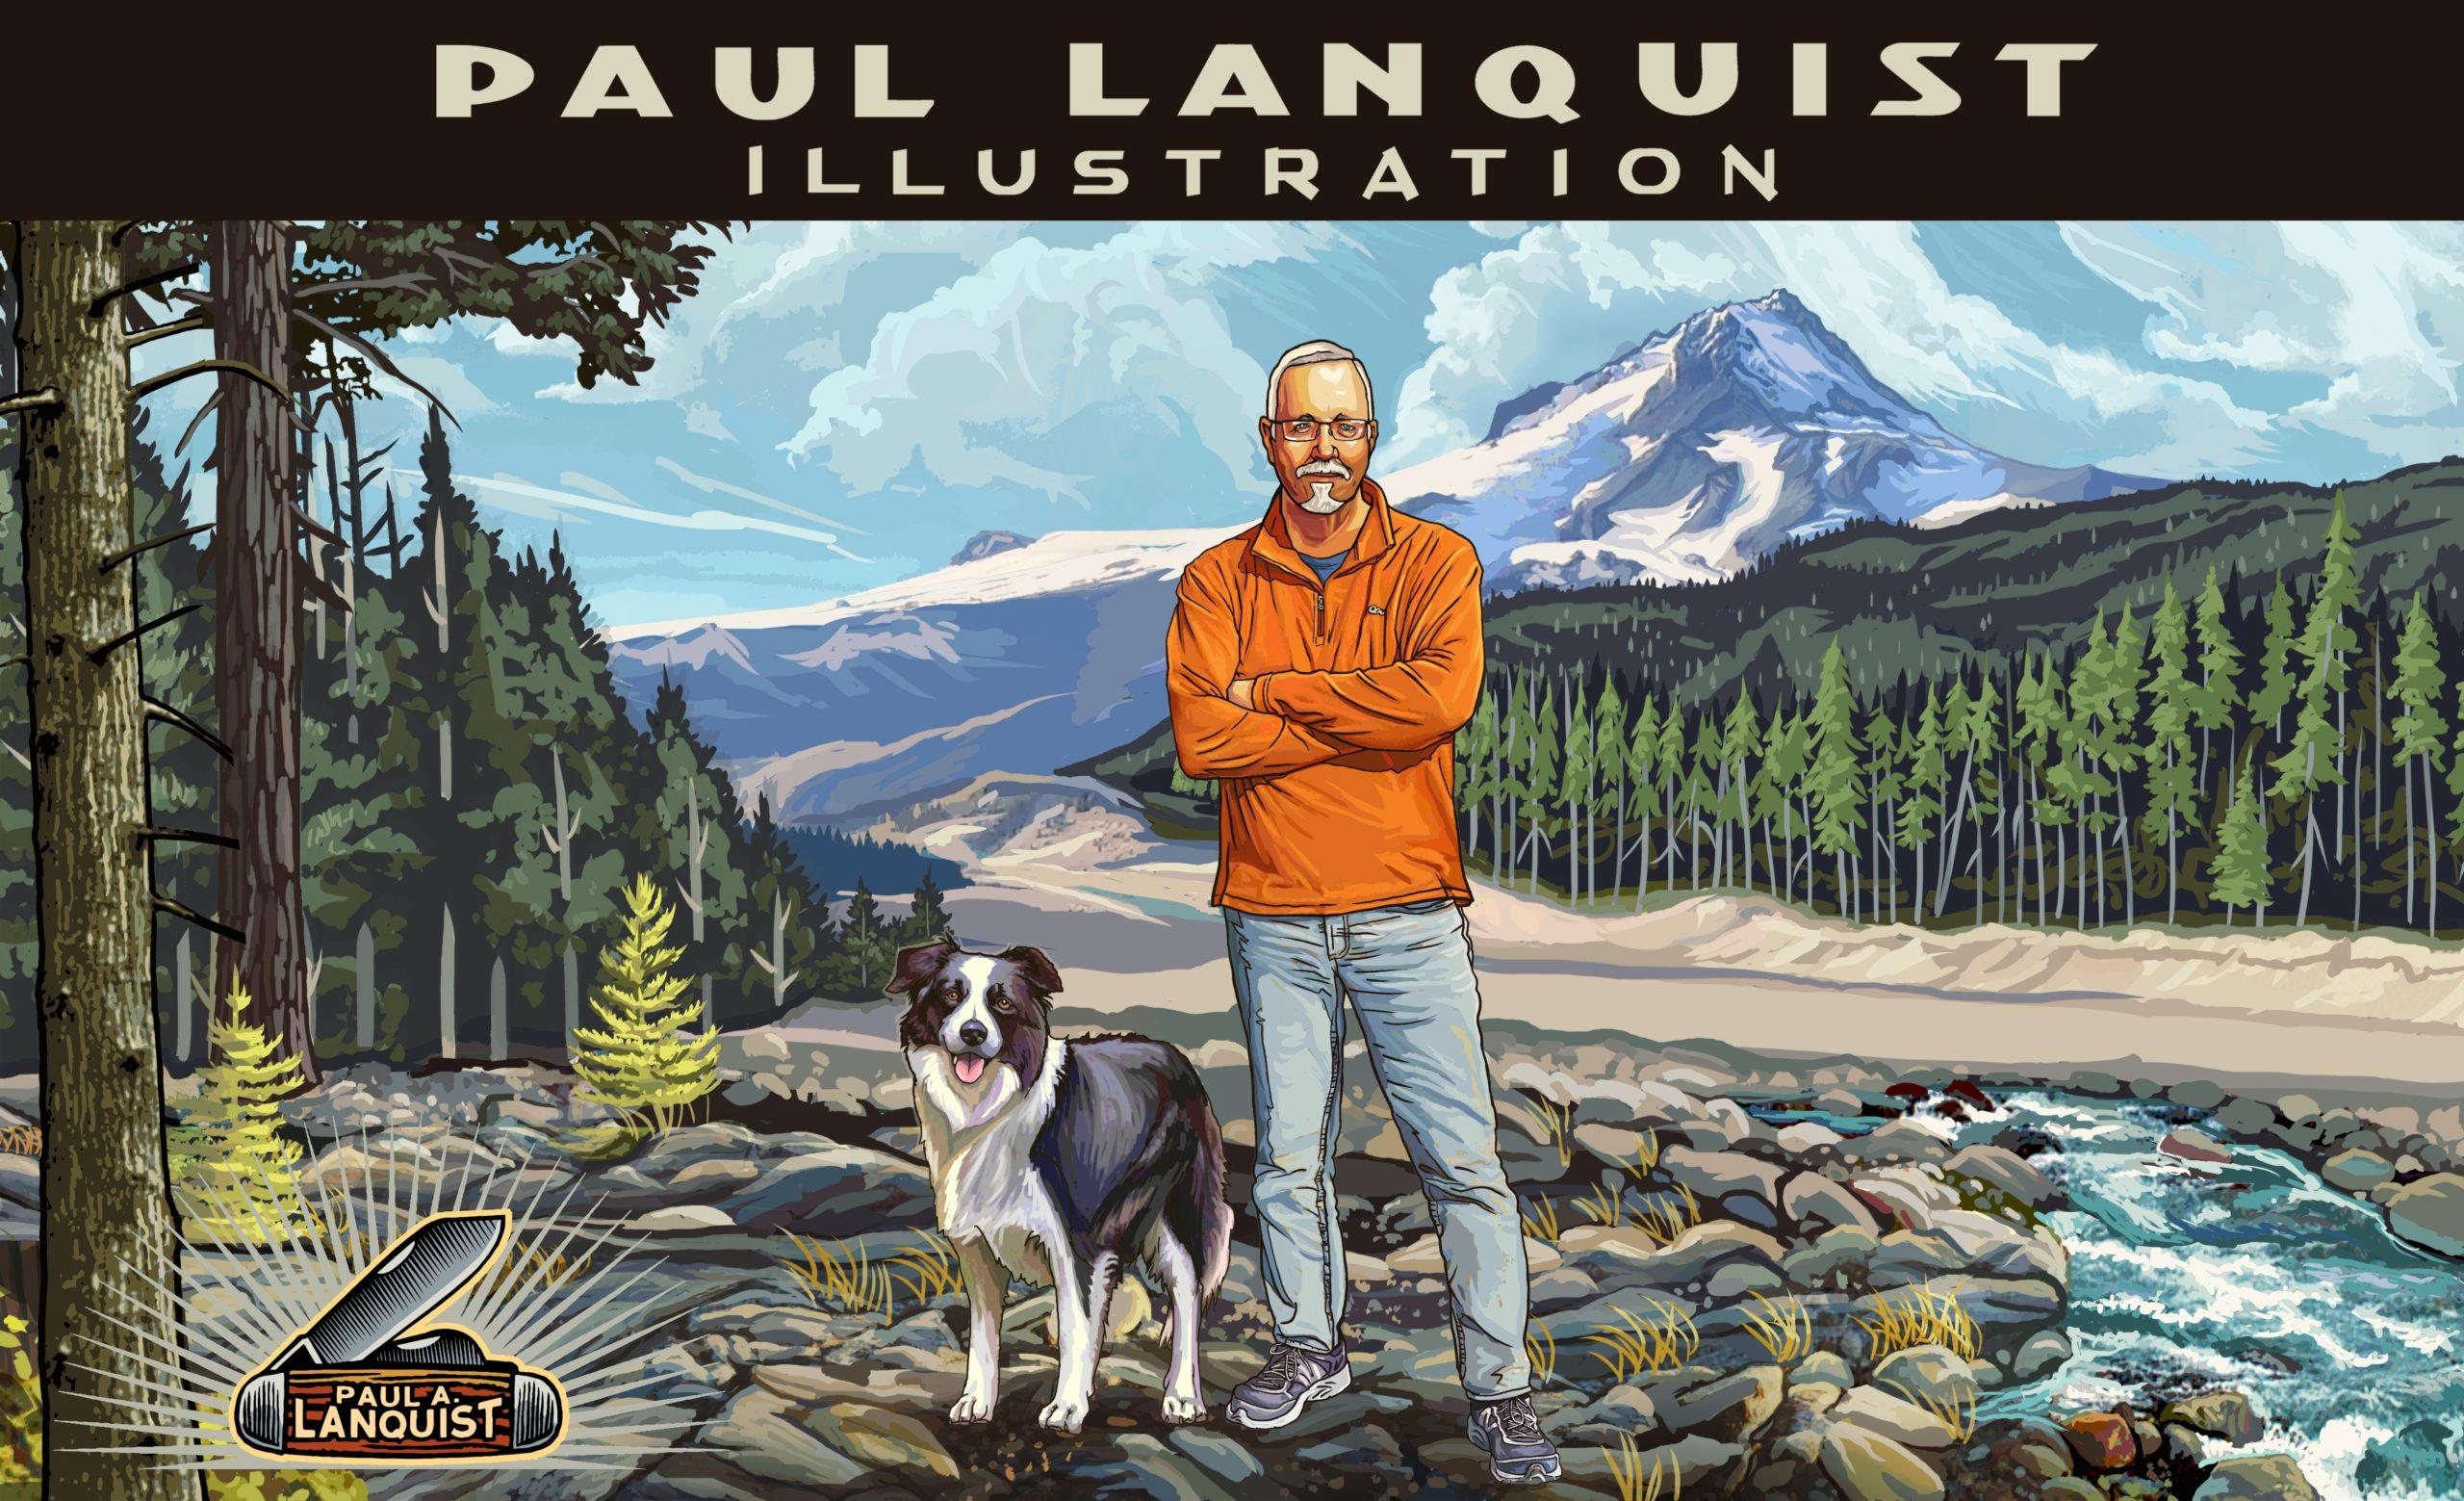 Paul Lanquist